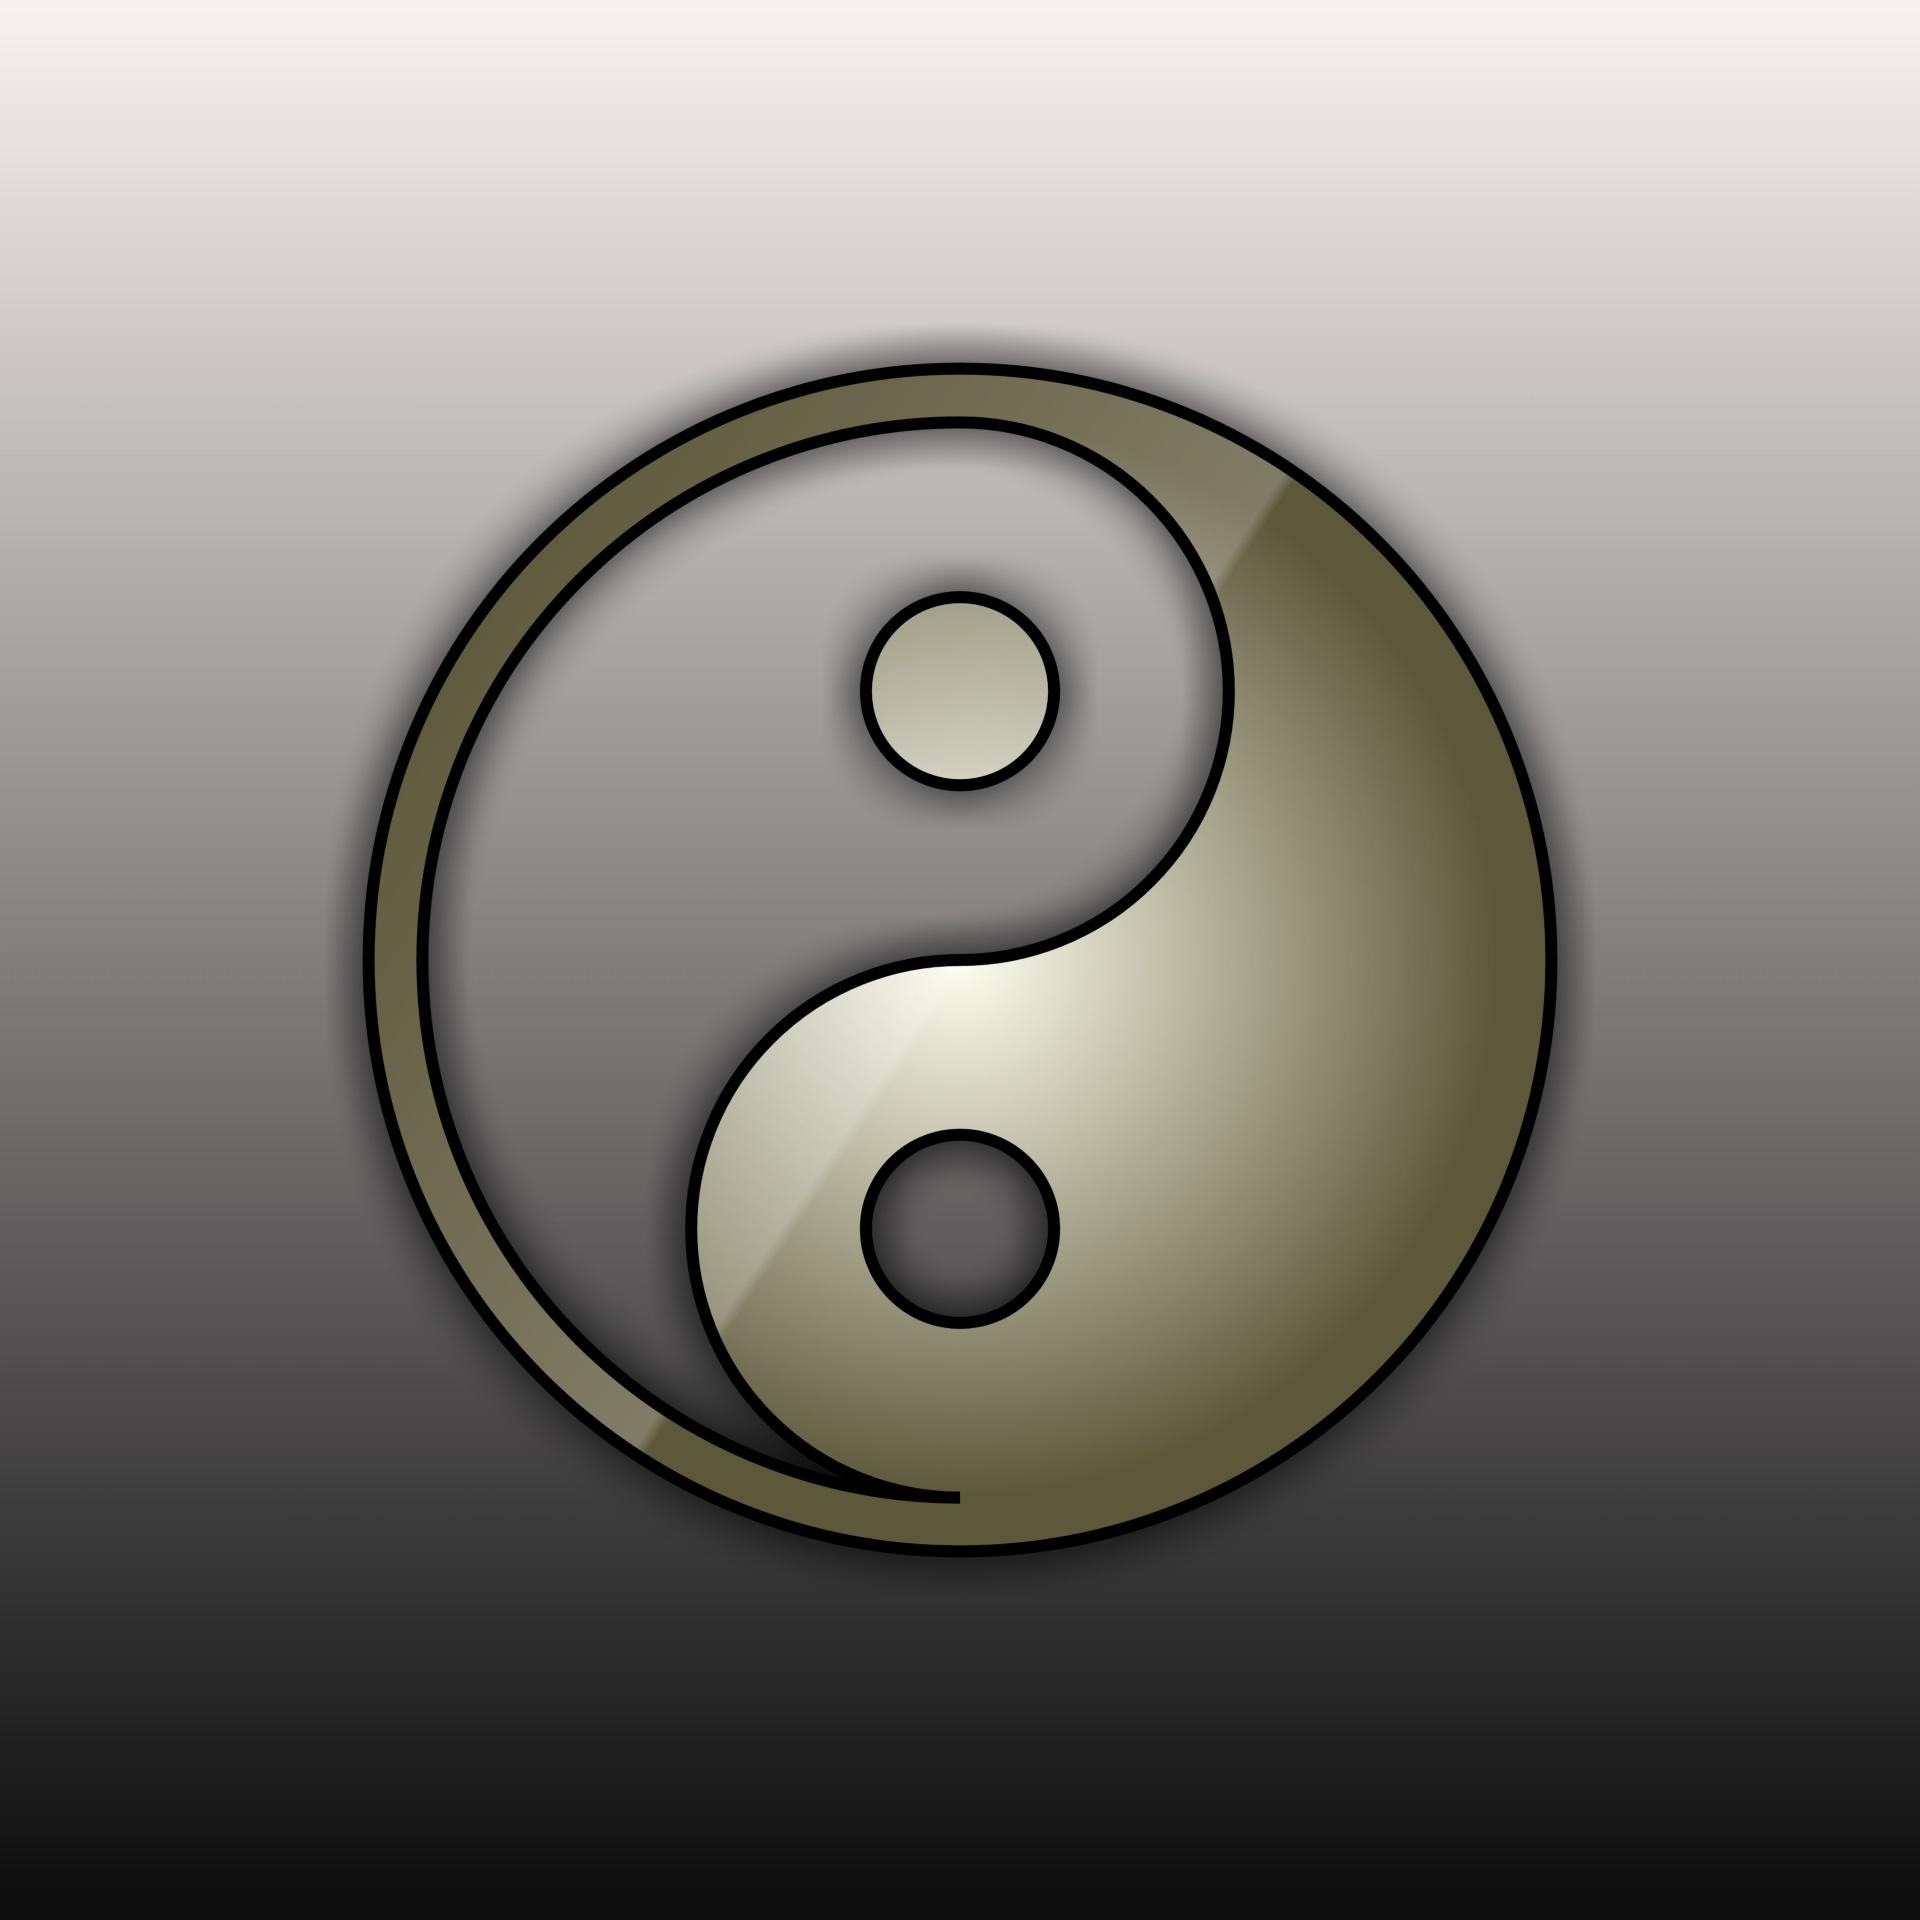 Yinyangsymbolbalancechinese Free Photo From Needpix